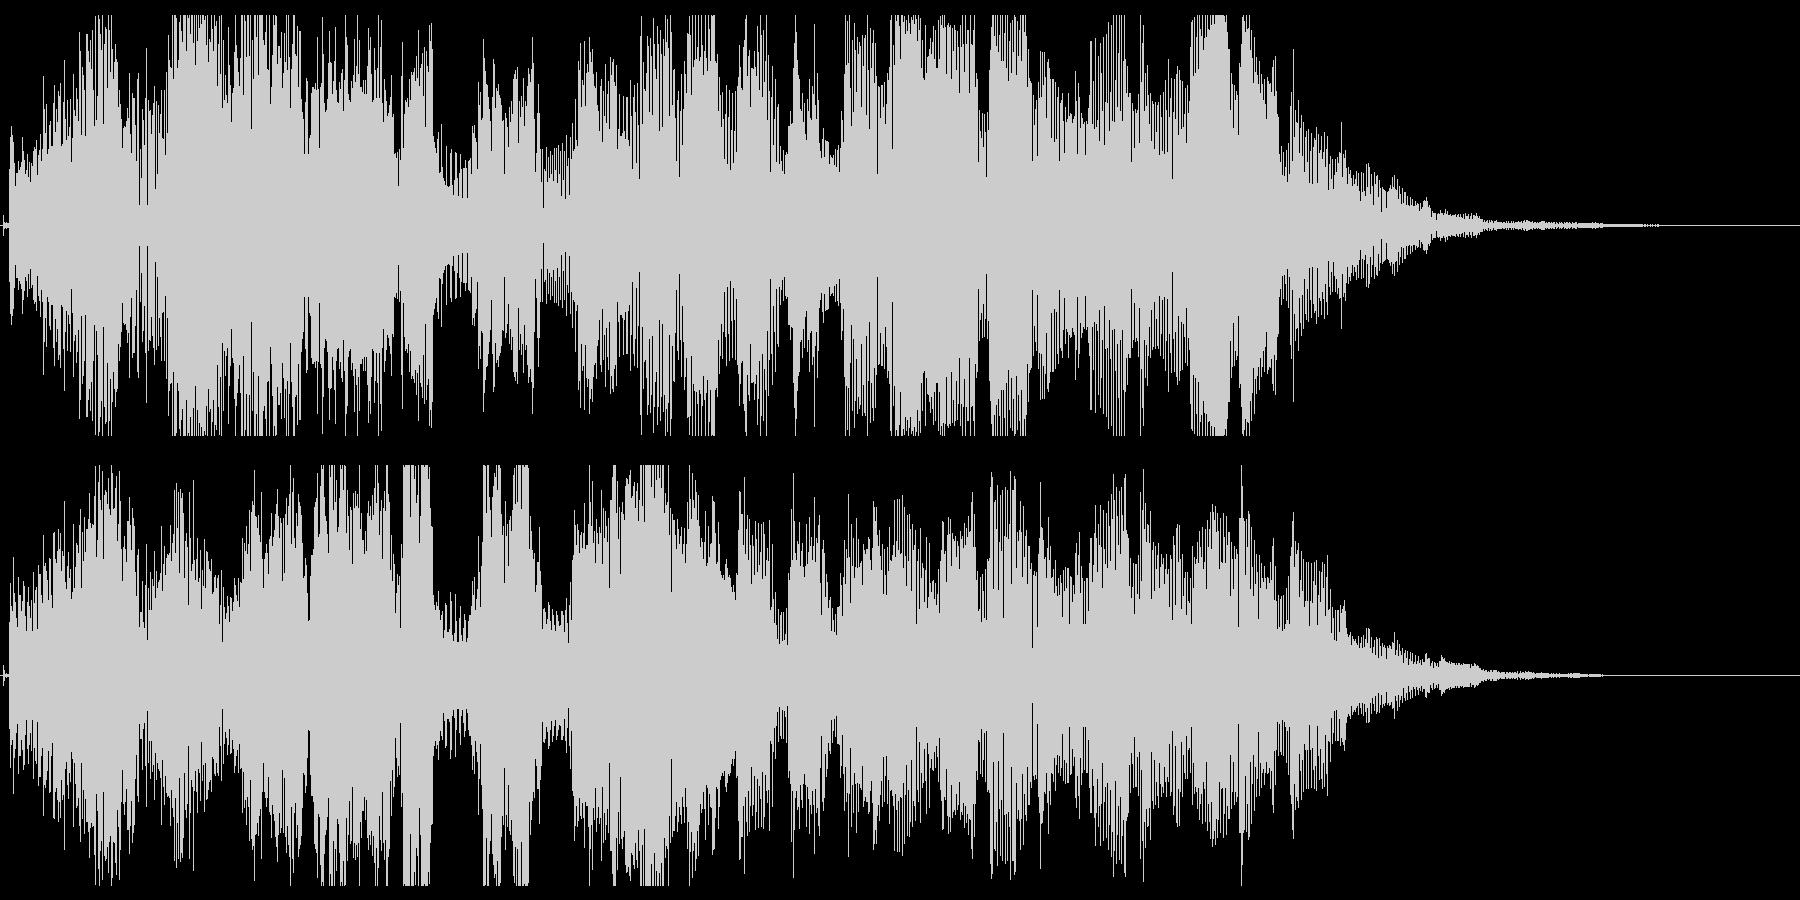 パワーアップ音03の未再生の波形